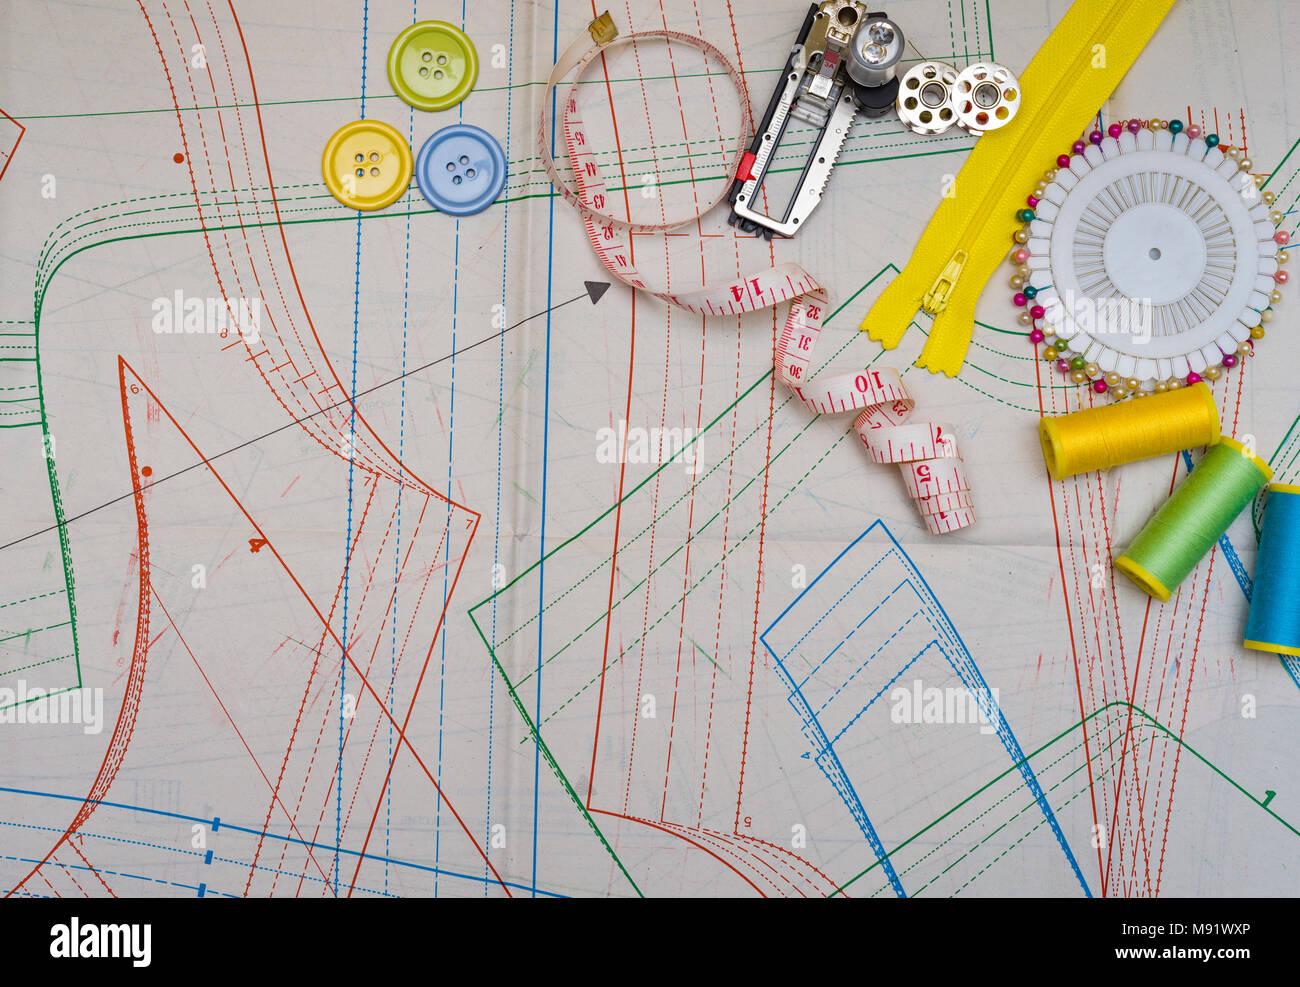 Paper Patterns Imágenes De Stock & Paper Patterns Fotos De Stock - Alamy